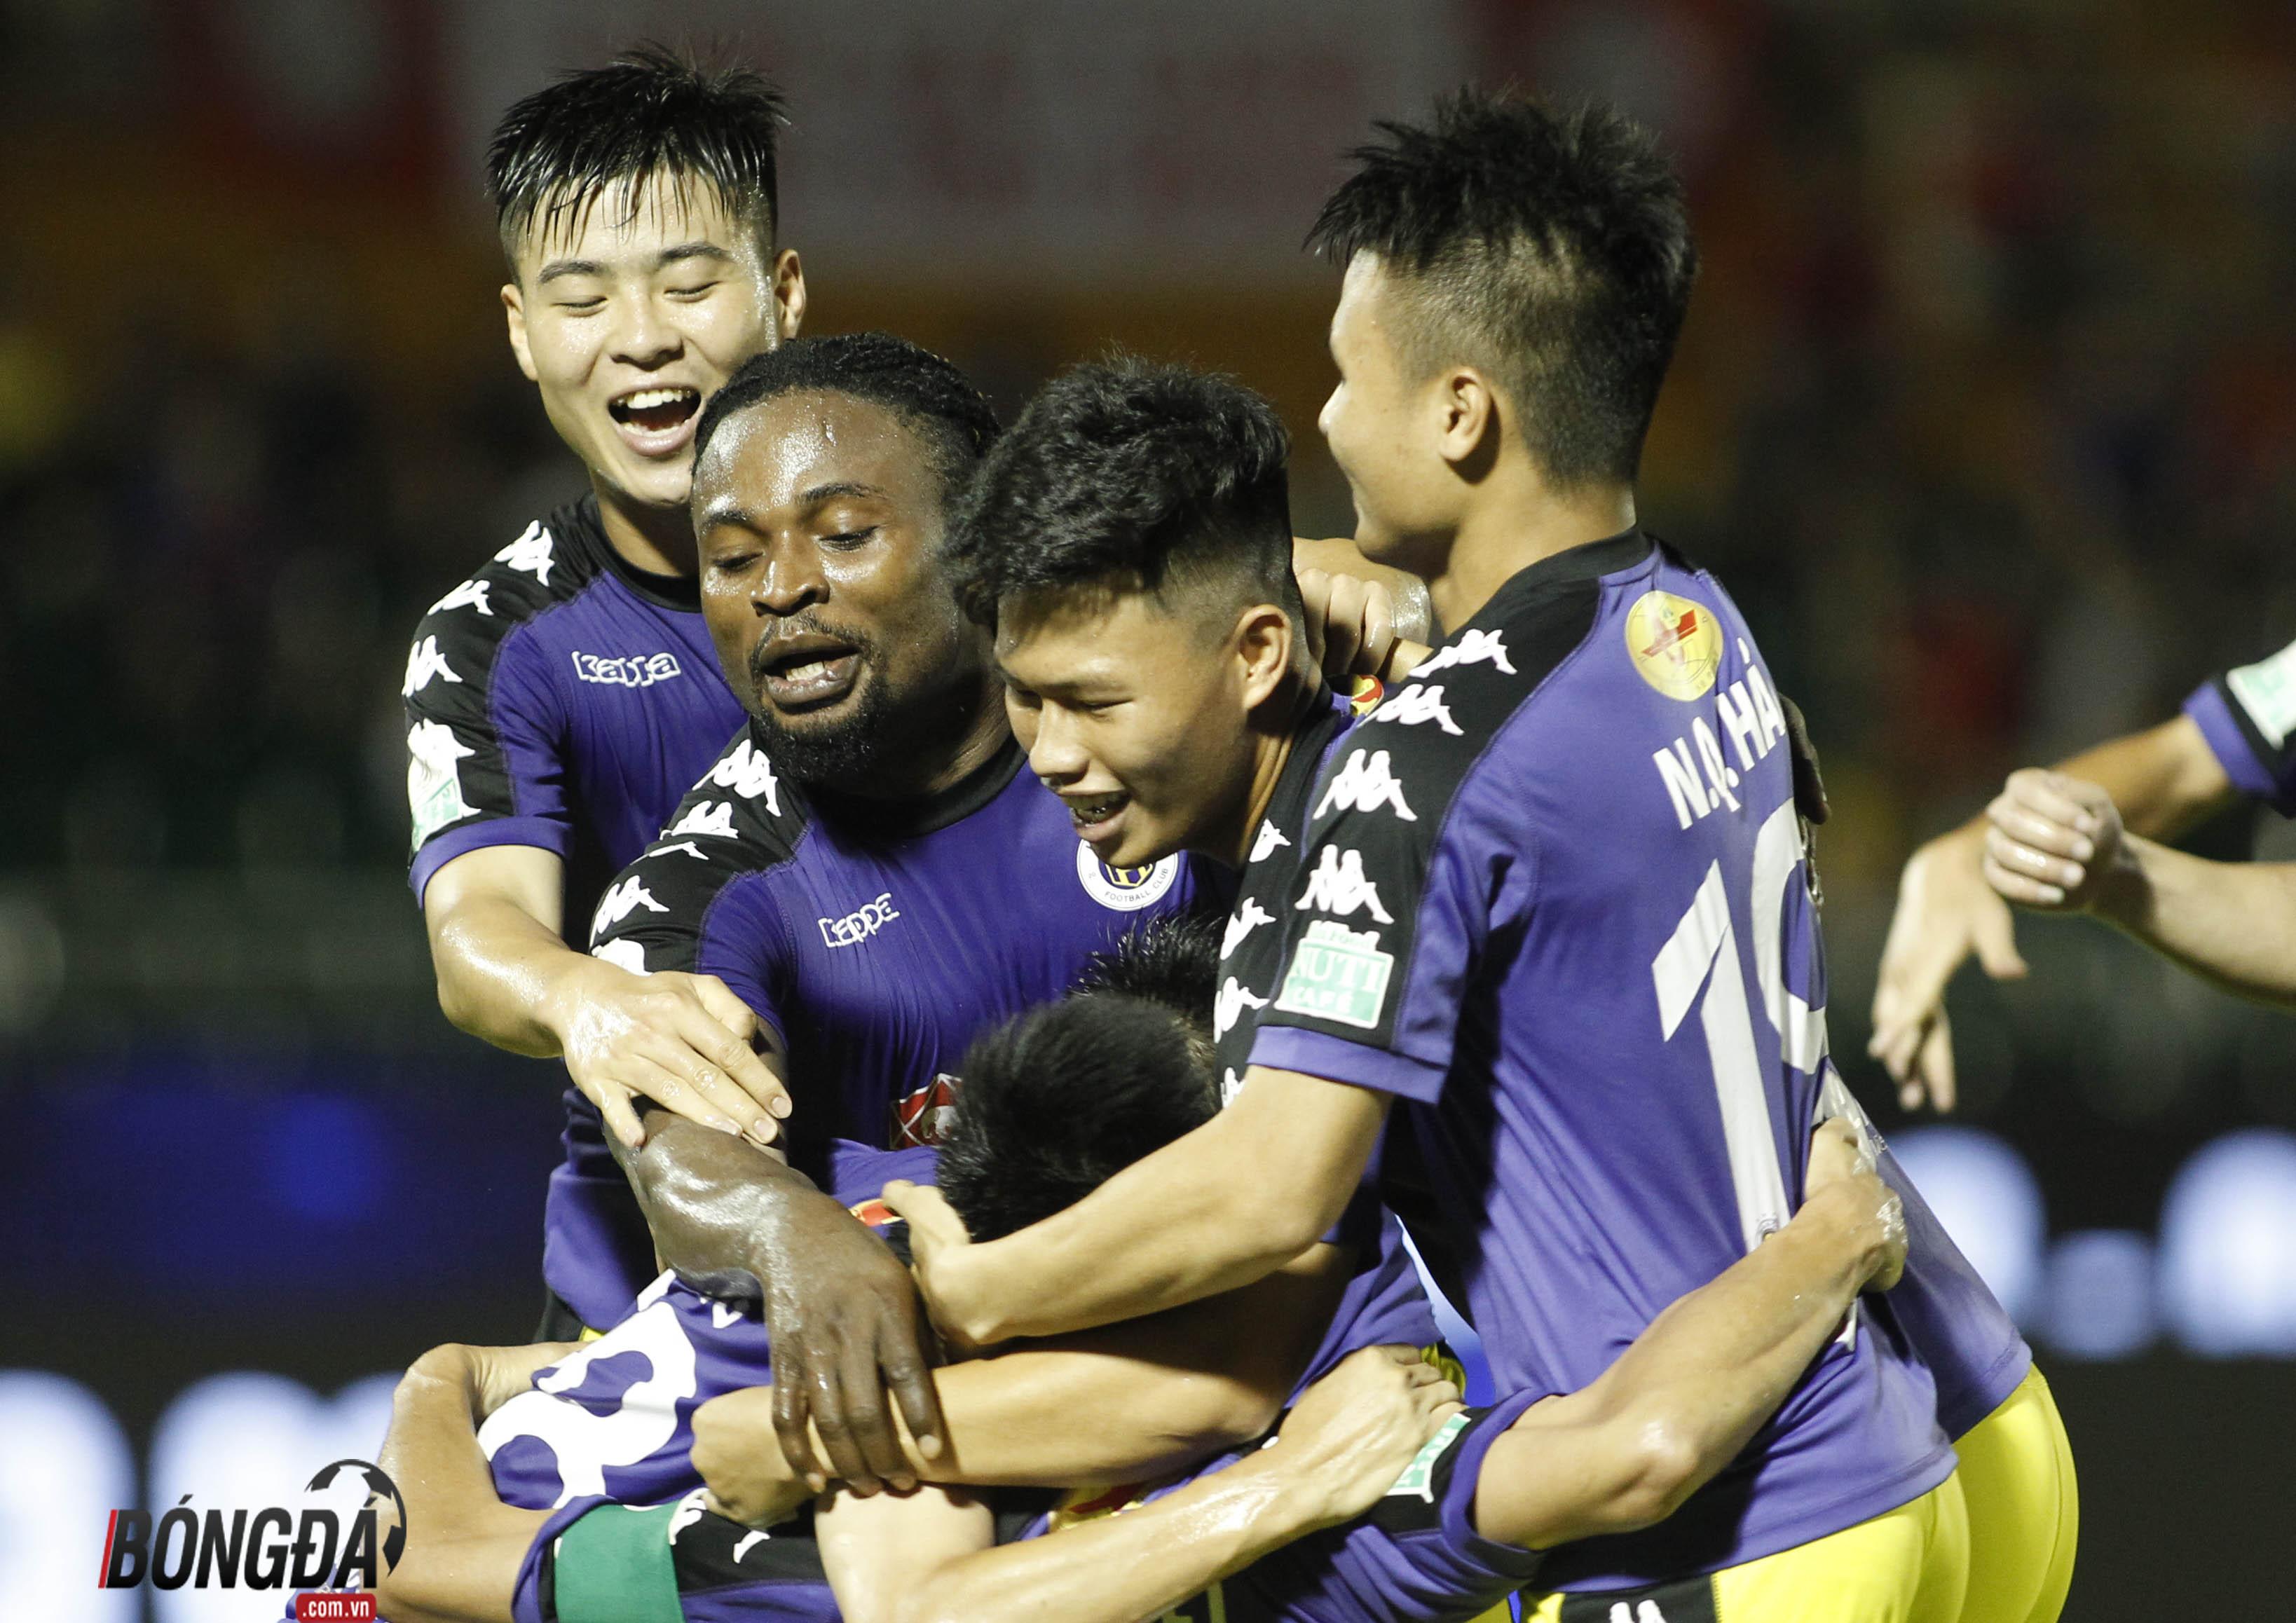 Vua phá lưới nội V-League 2018: Quang Hải đấu Công Phượng - Bóng Đá